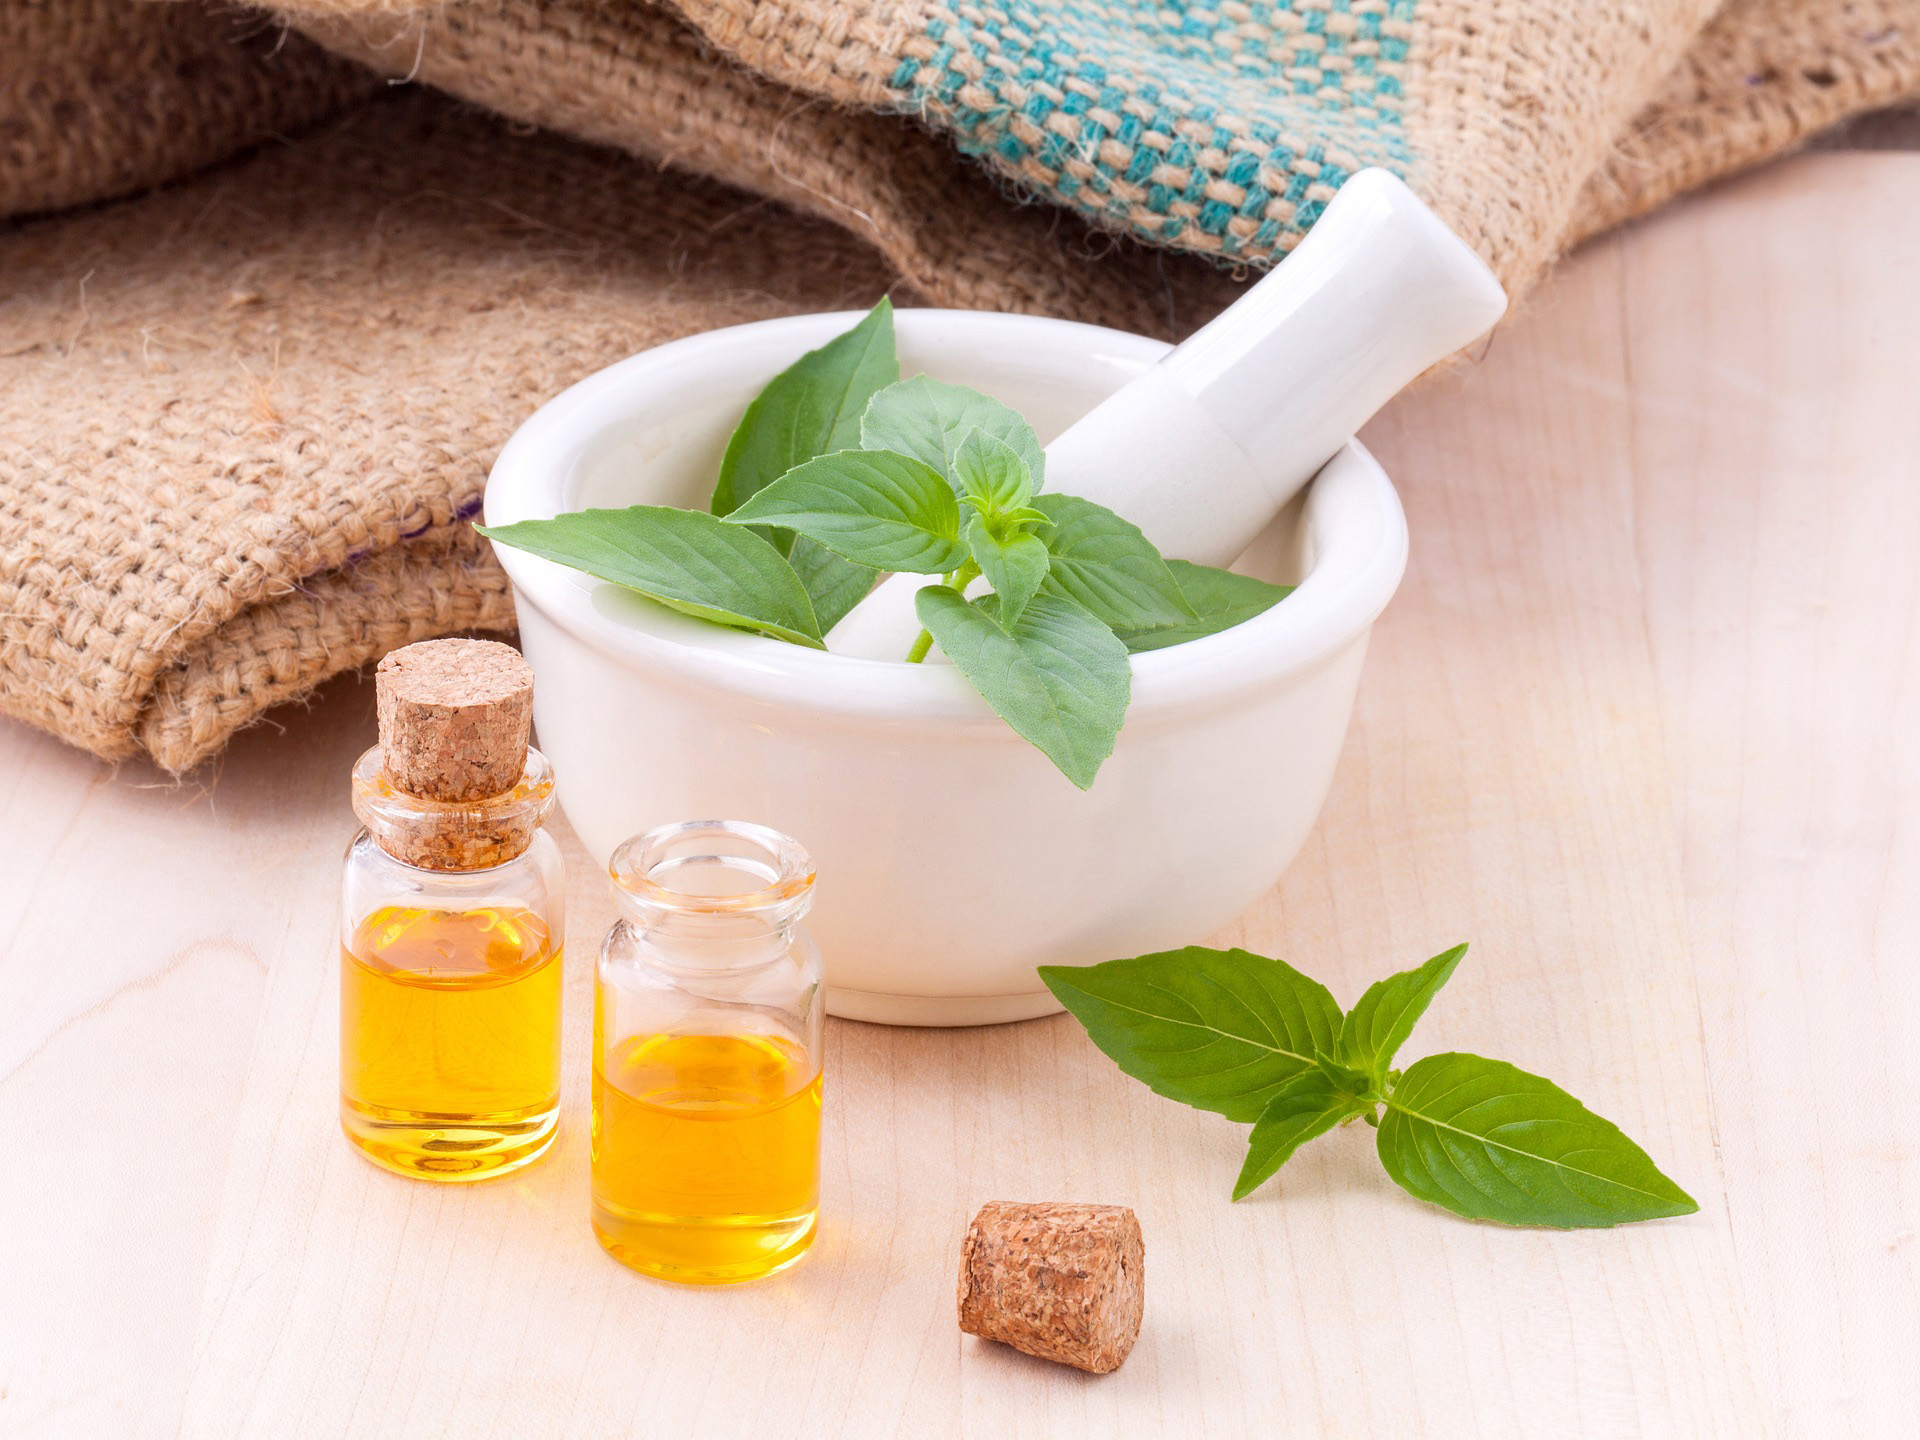 Le piante aromatiche e il loro impiego come rimedi naturali